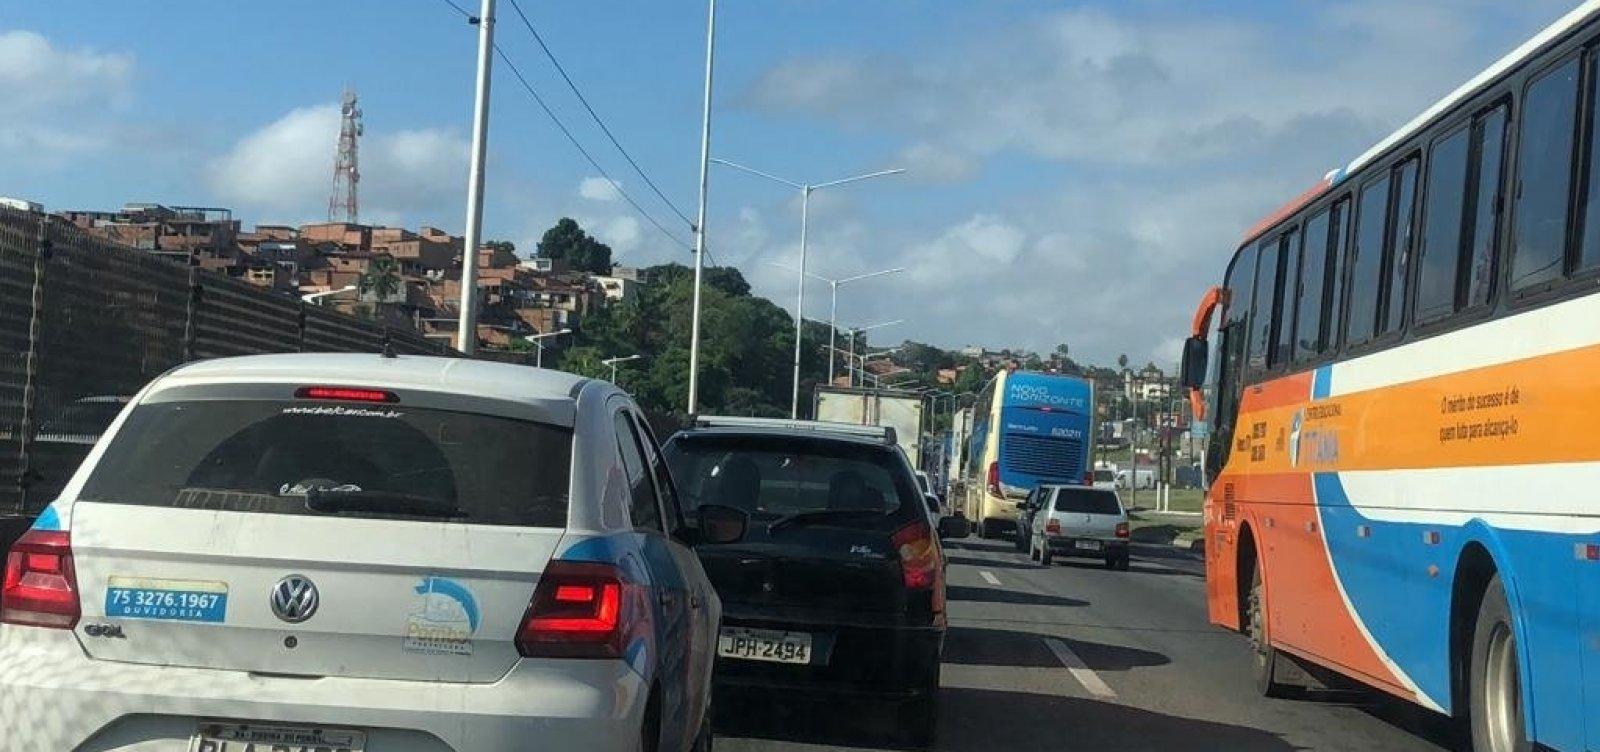 Região Metropolitana de Salvador amanhece com trânsito intenso